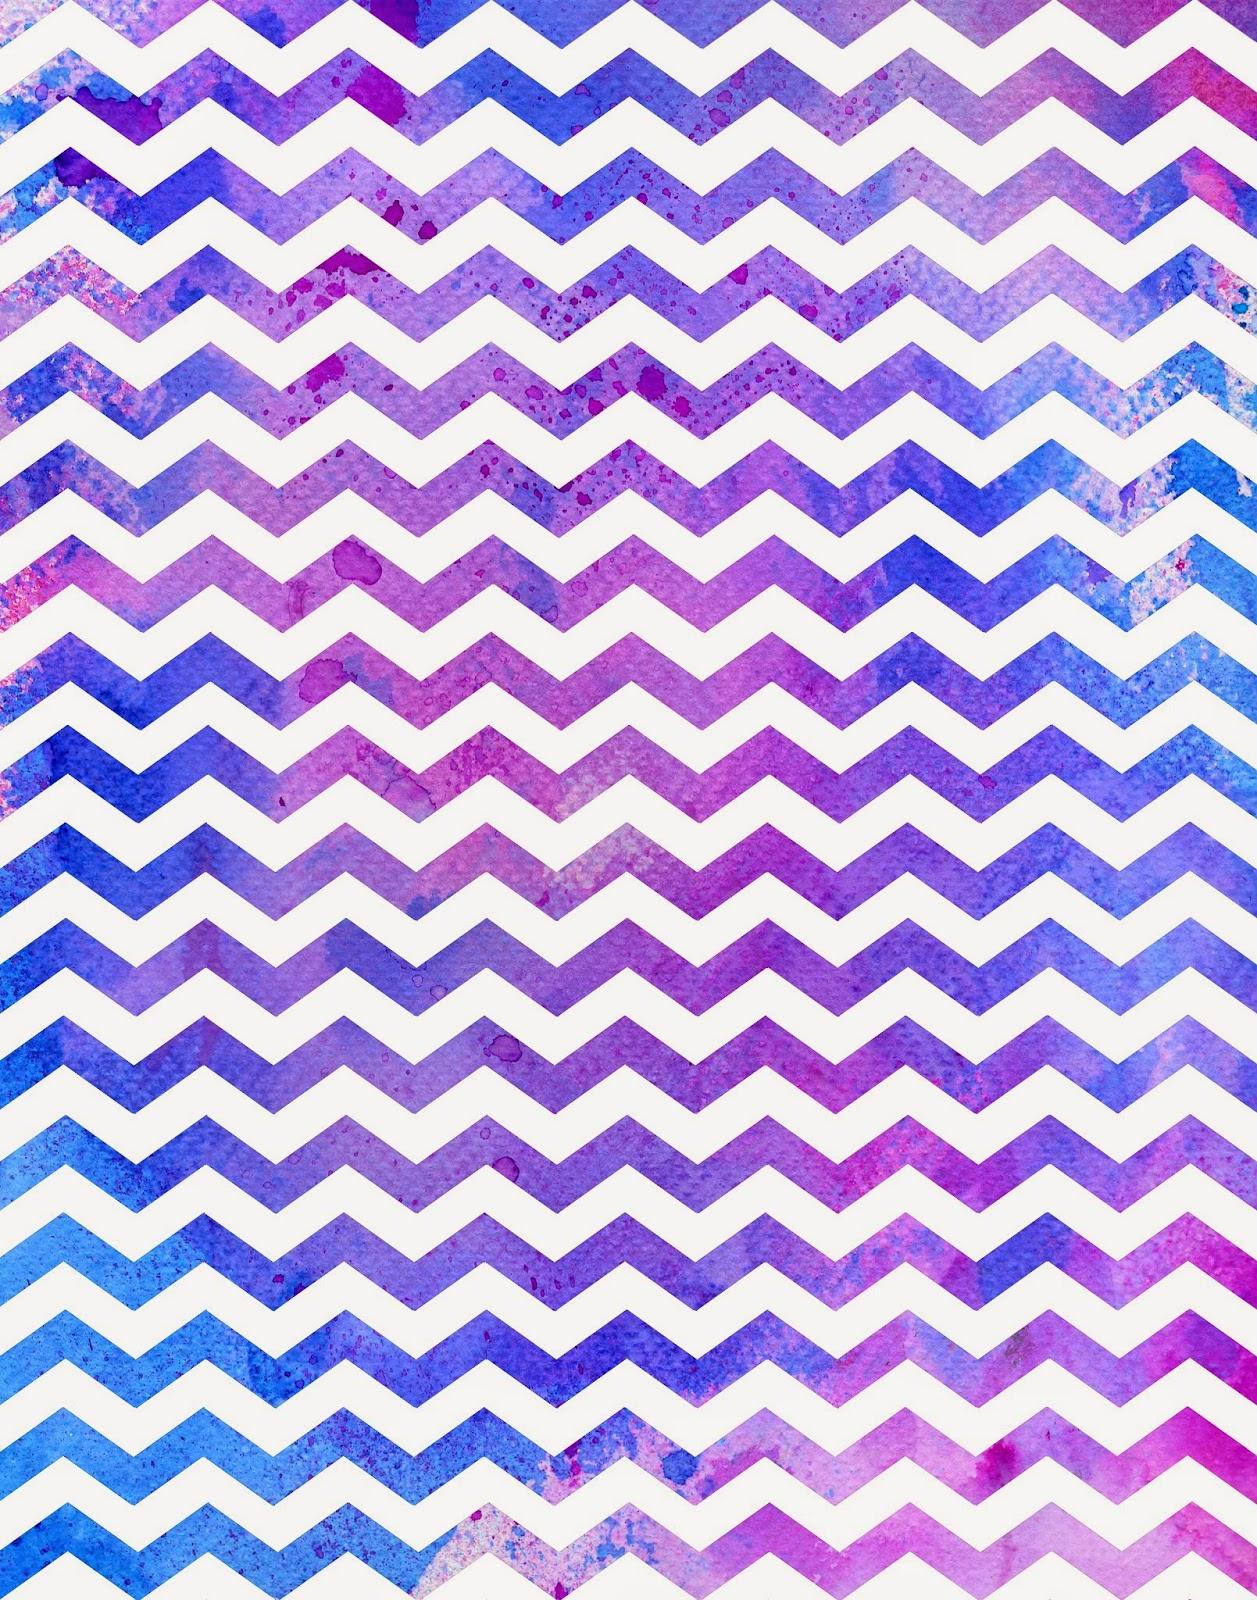 http://2.bp.blogspot.com/-IJITrxcnZAs/VC0YJ8ZmkzI/AAAAAAAAwjg/zx7Lm4V6u8I/s1600/watercolor%2Bchevron%2B8.jpg